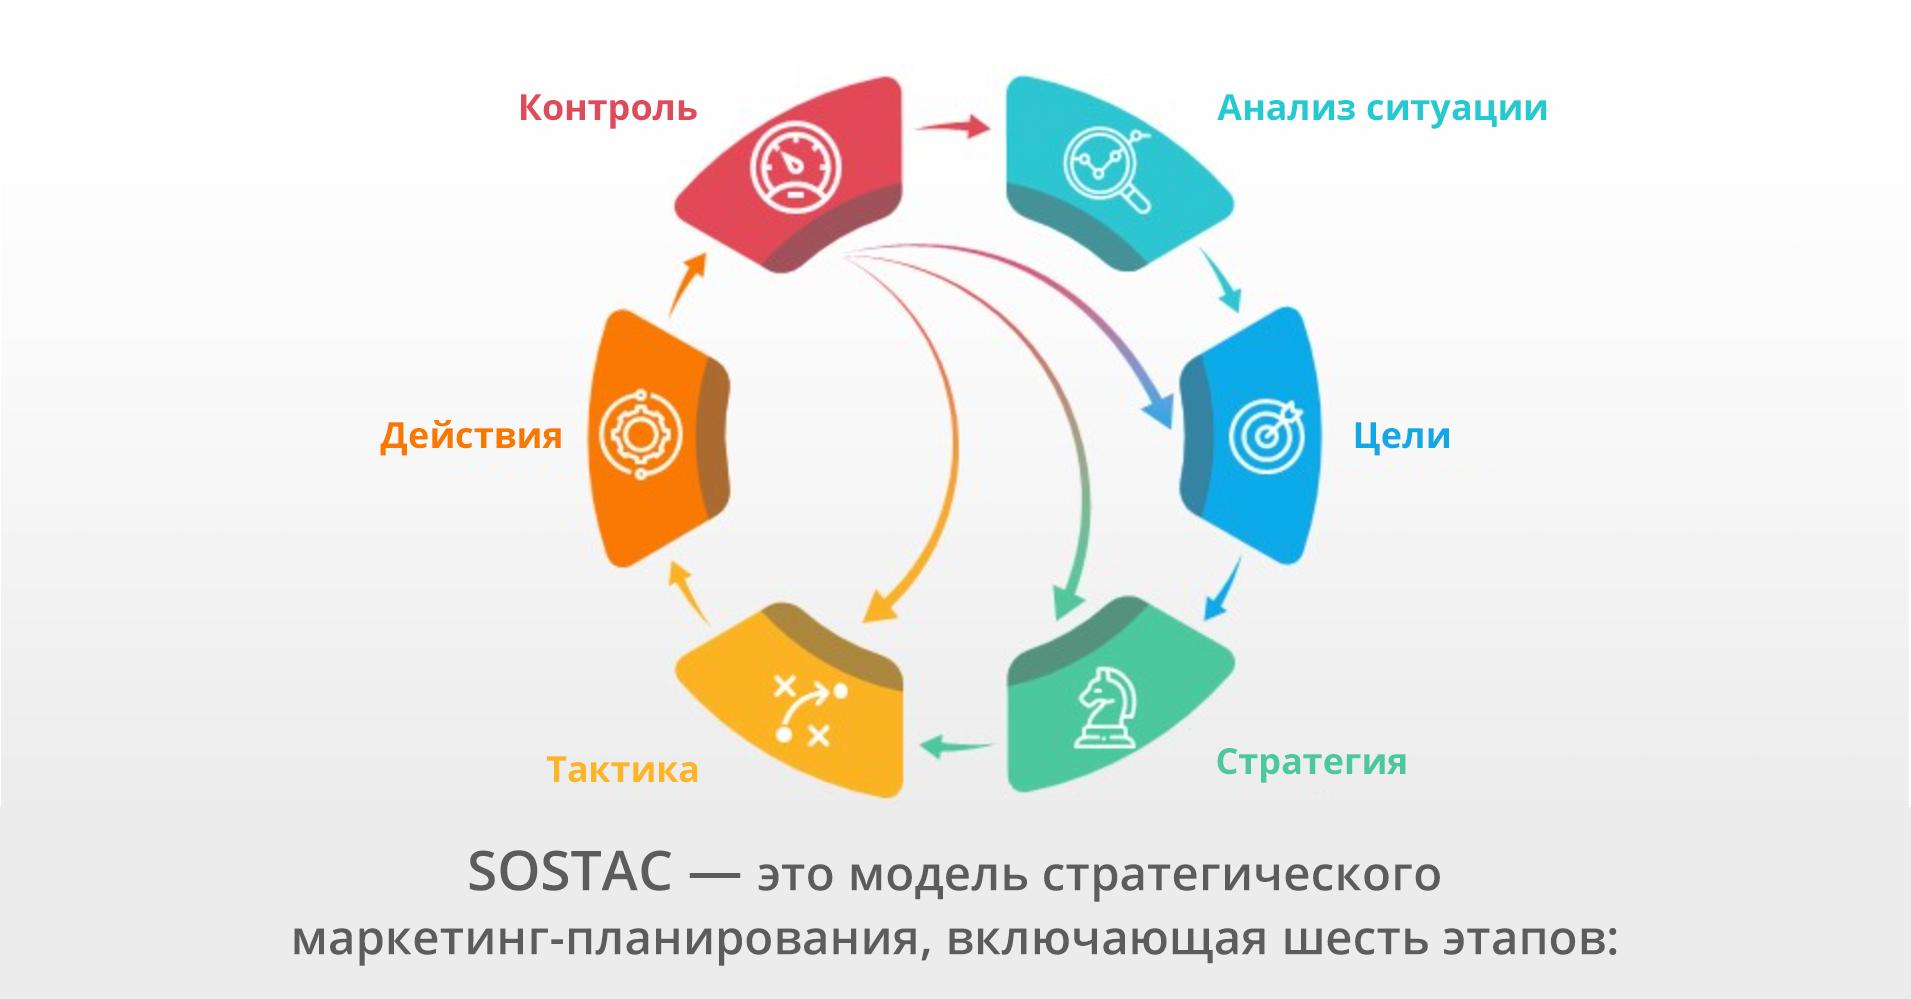 Создание маркетинг-плана для фармацевтической компании:                                6 последовательных этапов